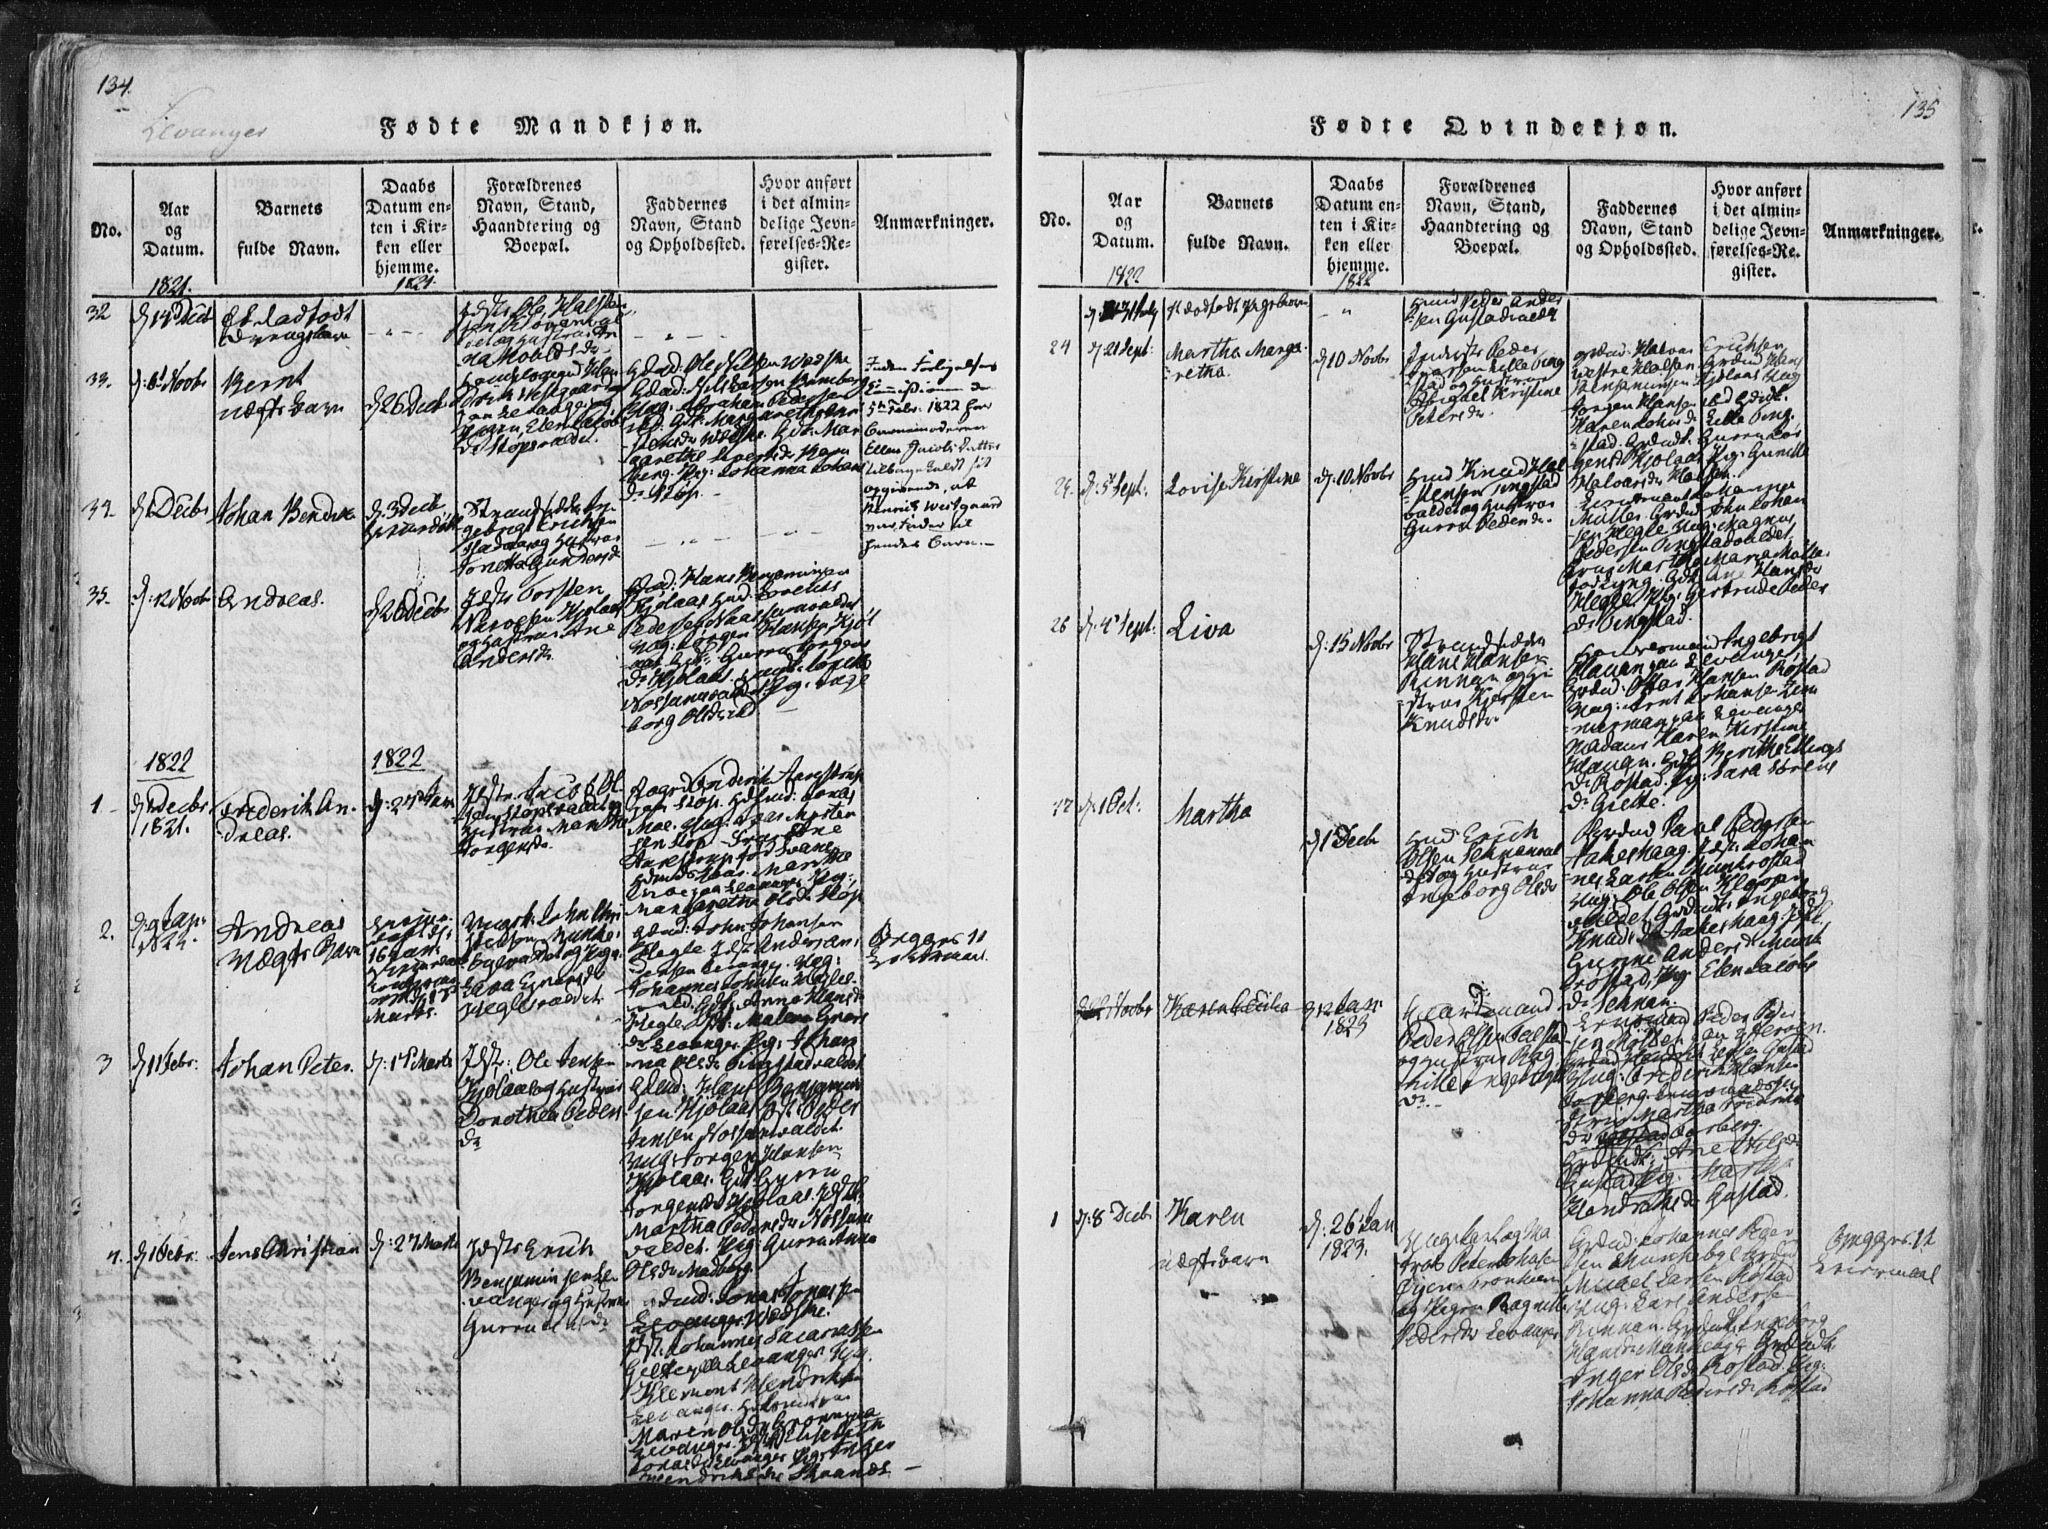 SAT, Ministerialprotokoller, klokkerbøker og fødselsregistre - Nord-Trøndelag, 717/L0148: Ministerialbok nr. 717A04 /2, 1816-1825, s. 134-135